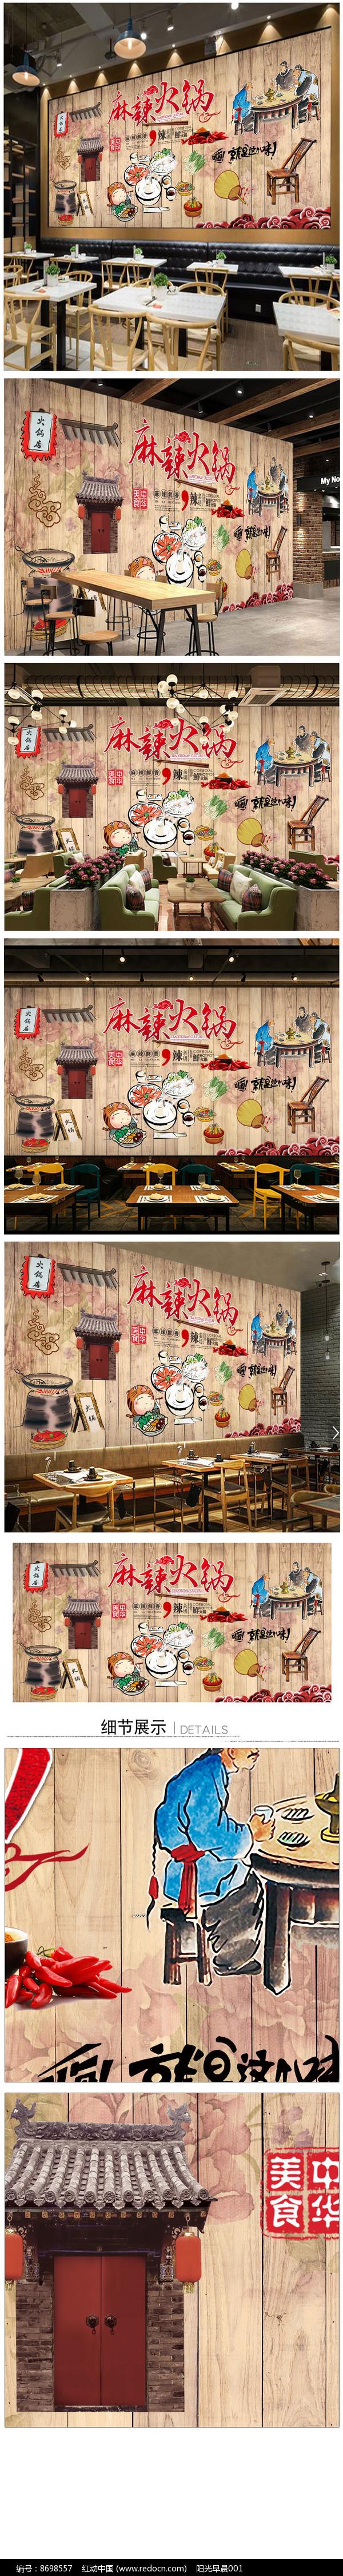 舌尖上的麻辣火锅背景墙图片